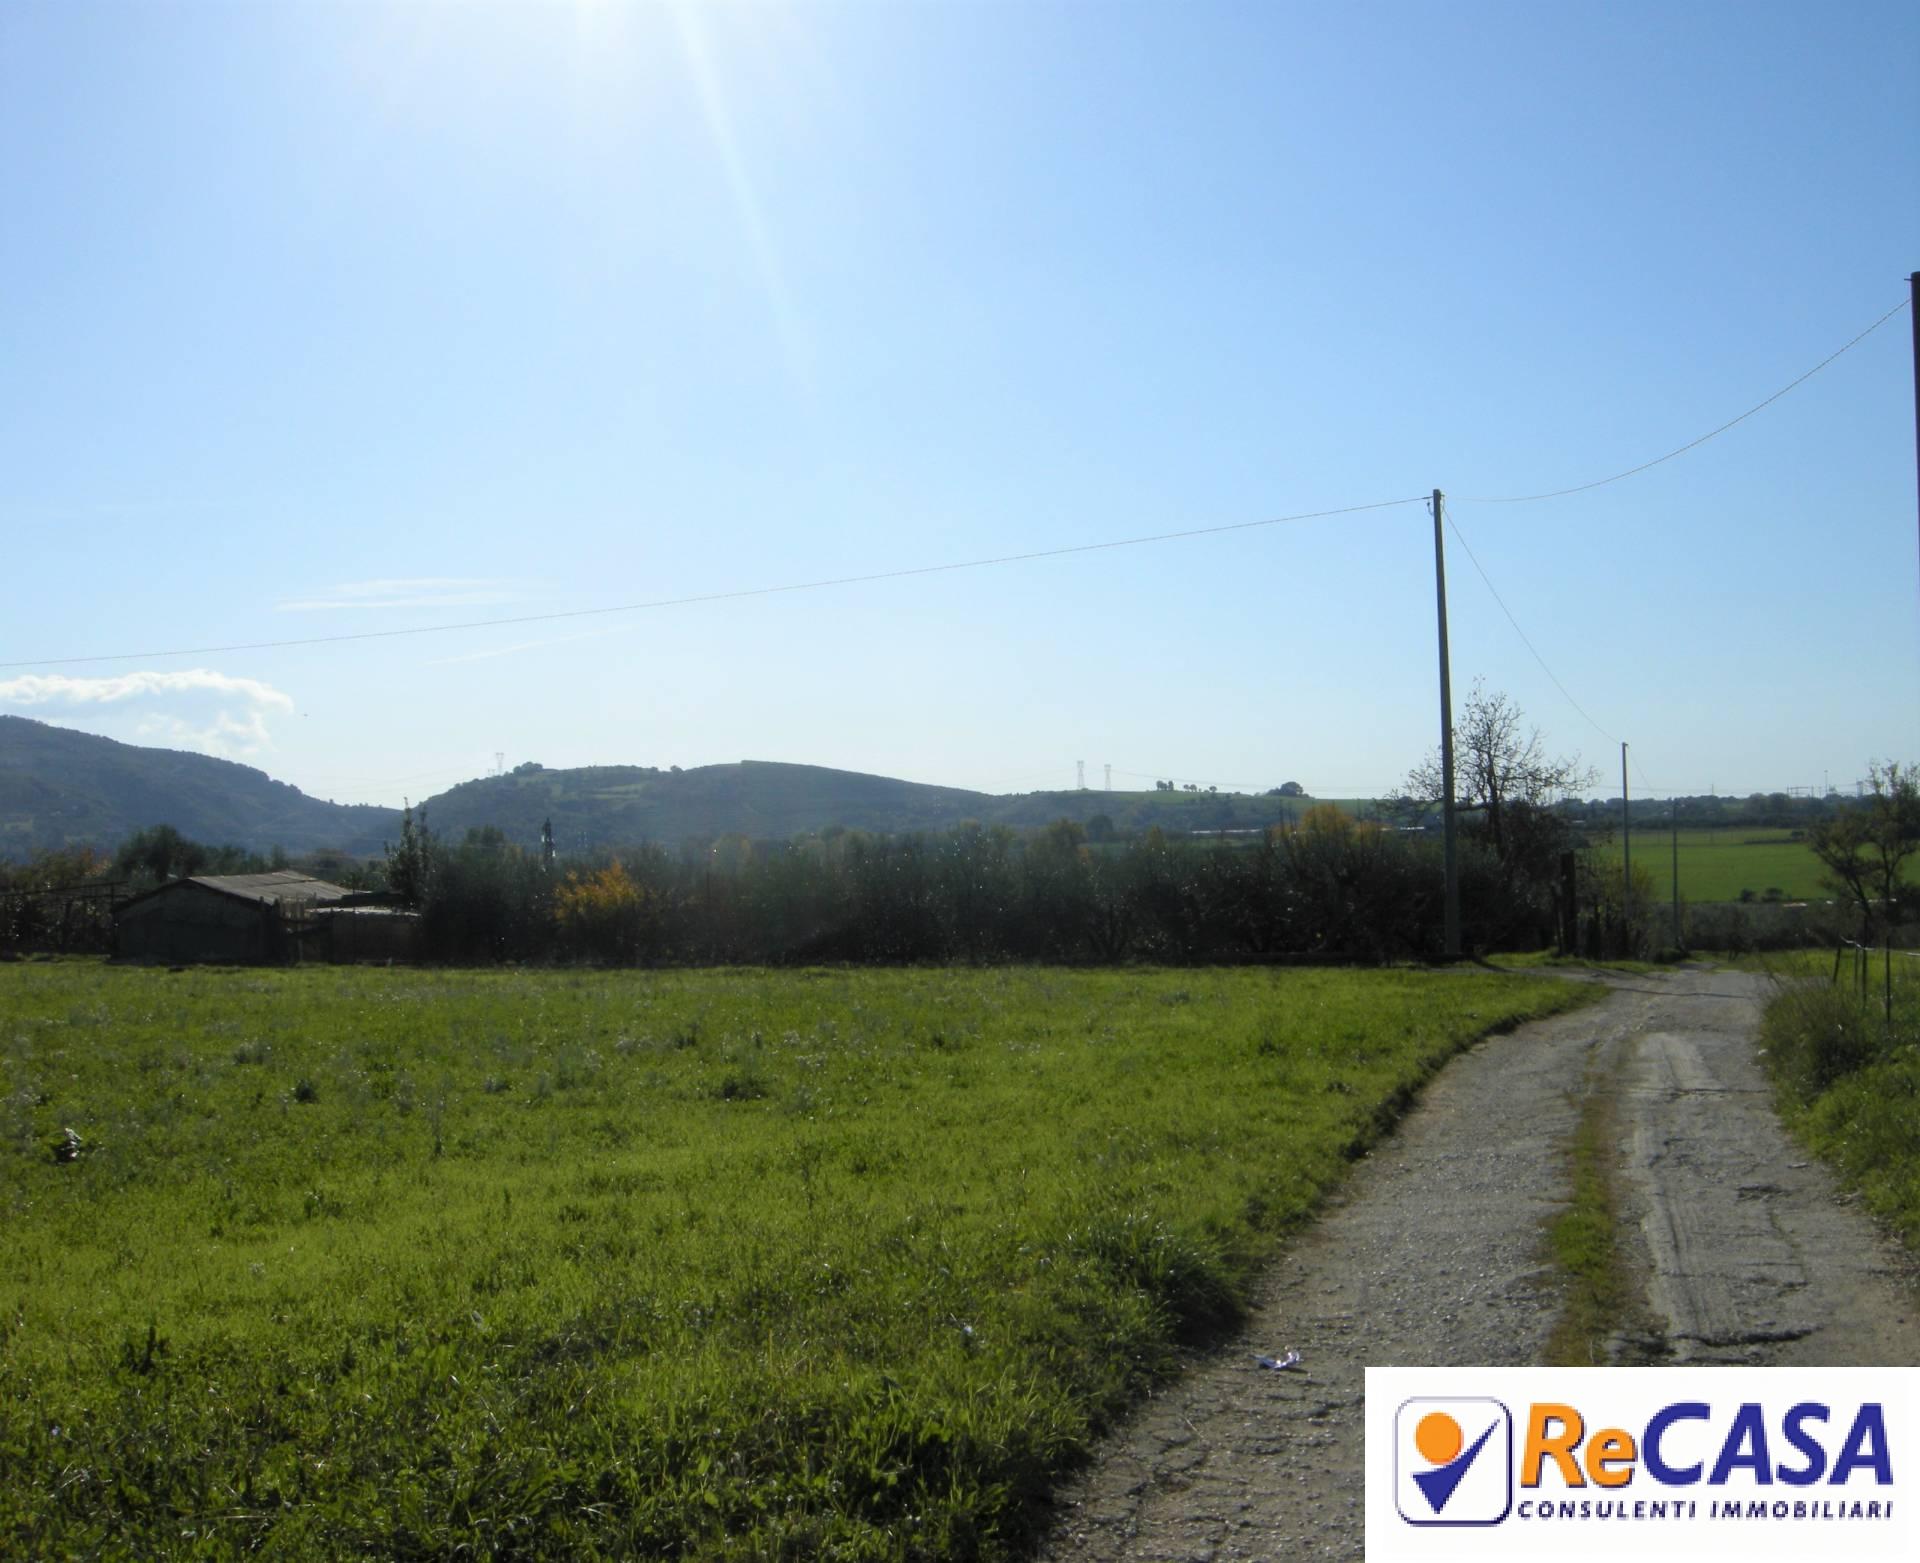 Terreno Agricolo in vendita a Olevano sul Tusciano, 9999 locali, prezzo € 18.000 | Cambio Casa.it